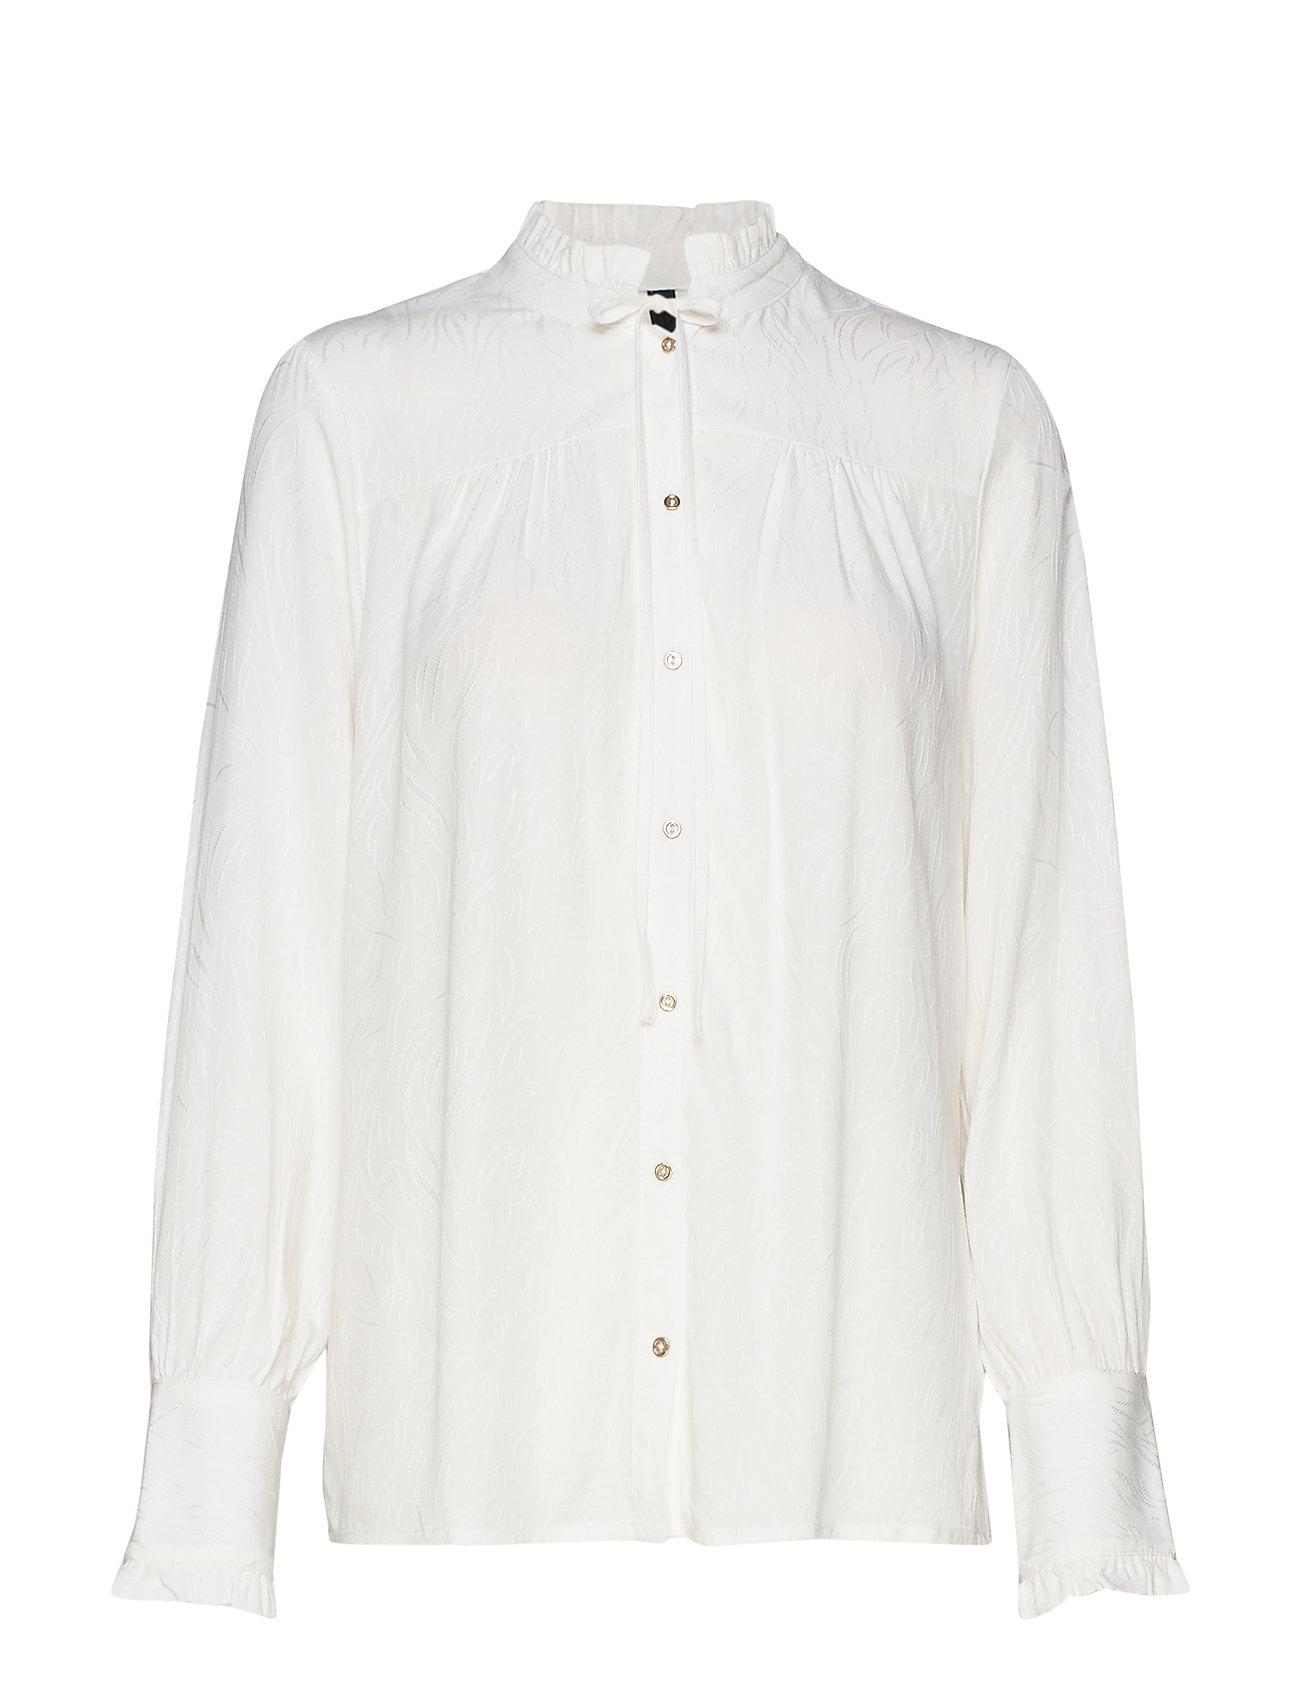 Pulz Jeans PZPHILLIPINE L/S Shirt - SOFT CREAM